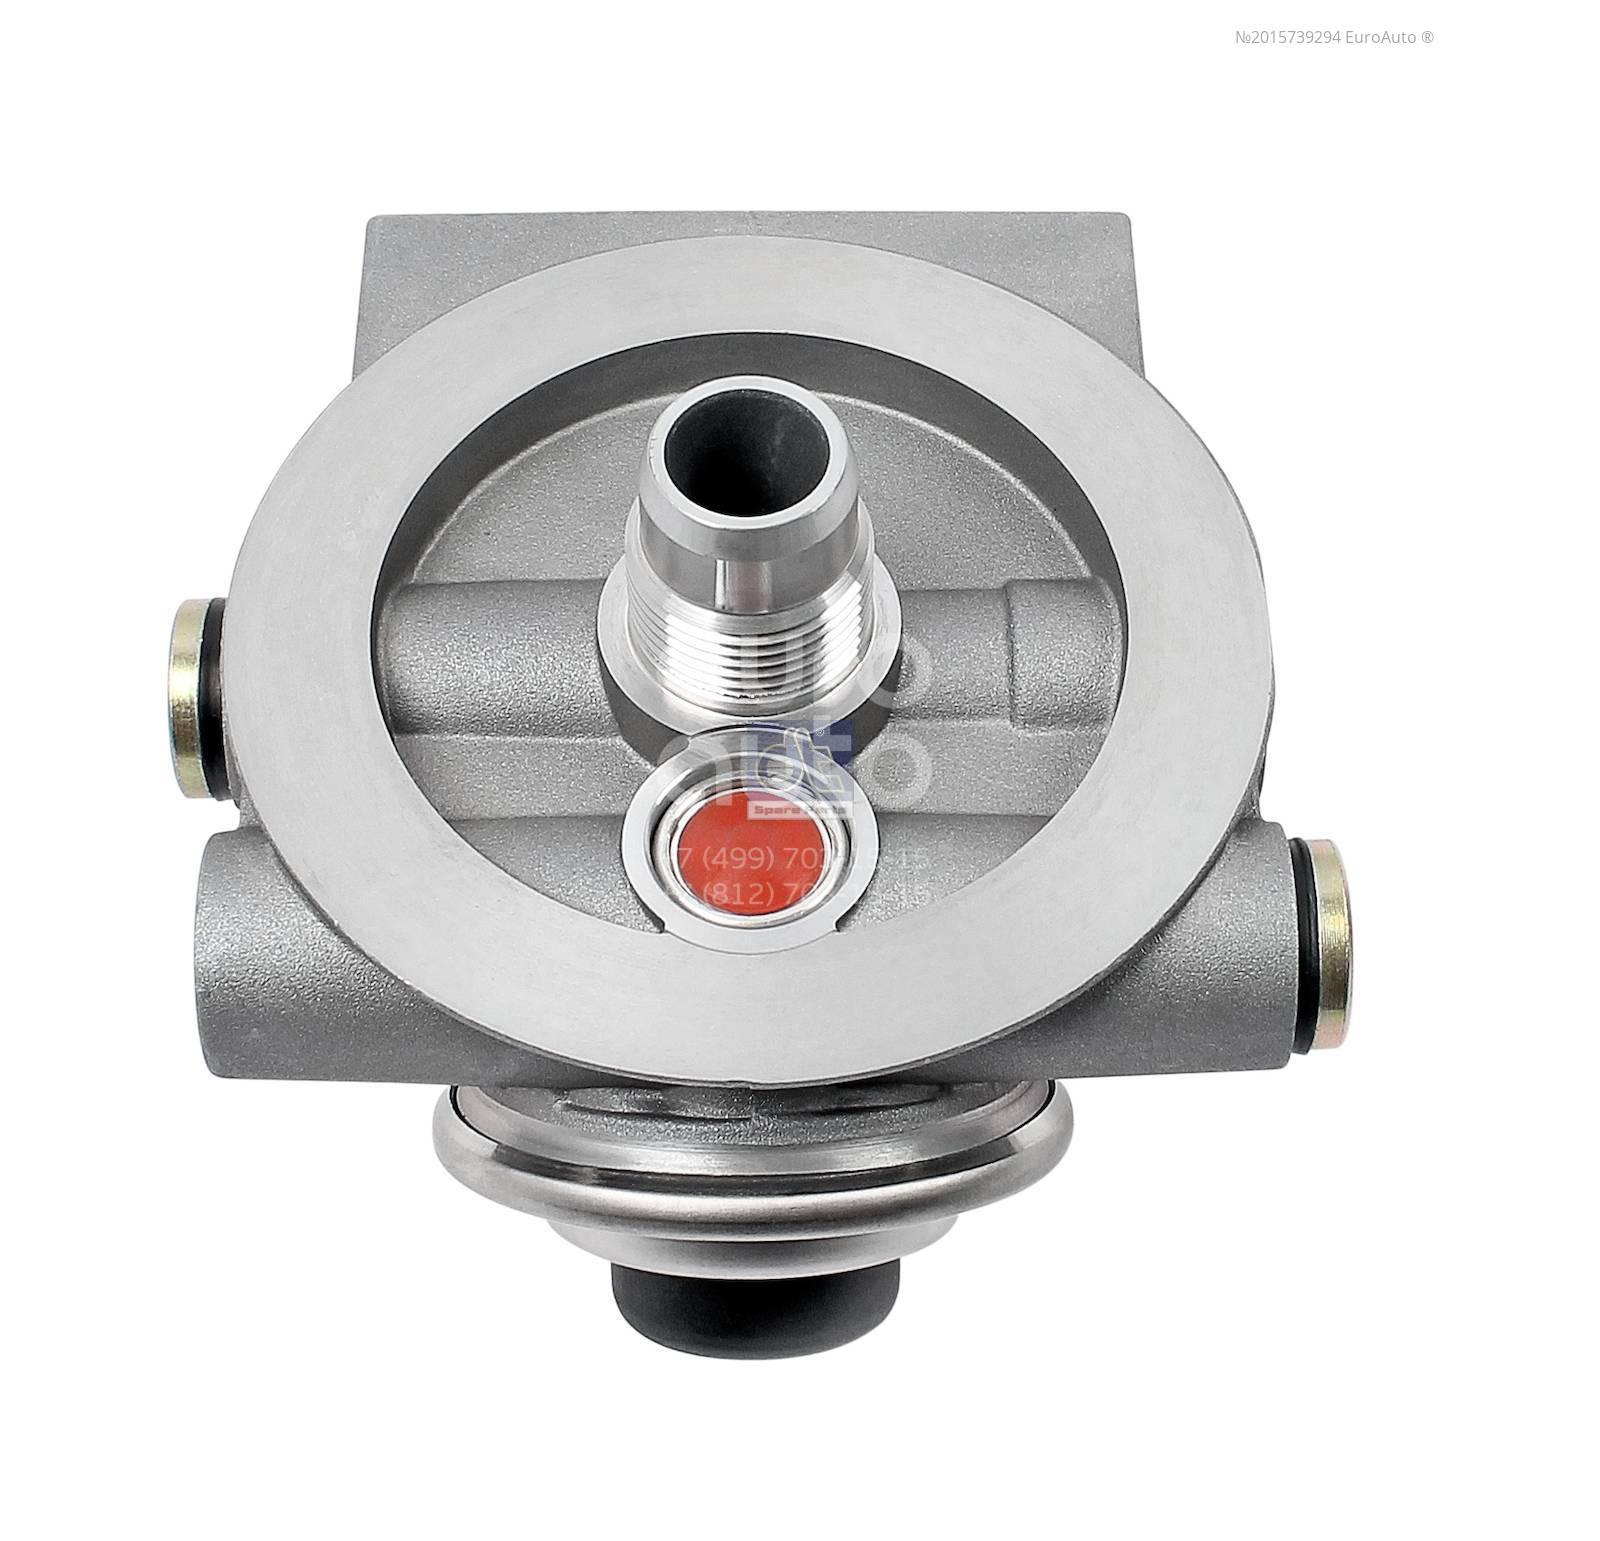 Кронштейн топливного фильтра Mercedes Benz TRUCK ACTROS I 1996-2002; (4.63305)  - купить со скидкой